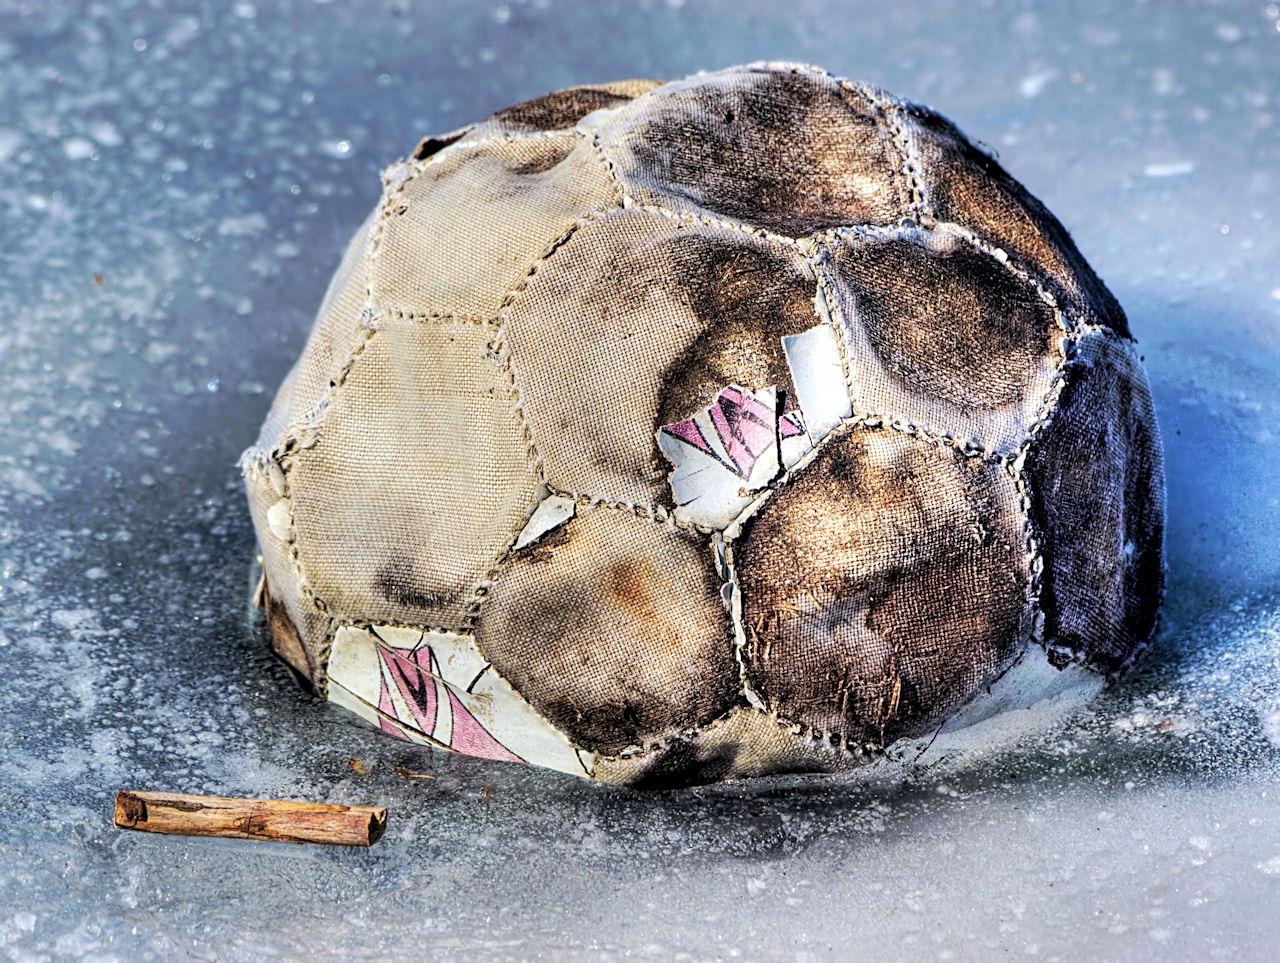 Egy Budapesten élő portugál hacker szivárogtathatja a nagy fociklubok titkait